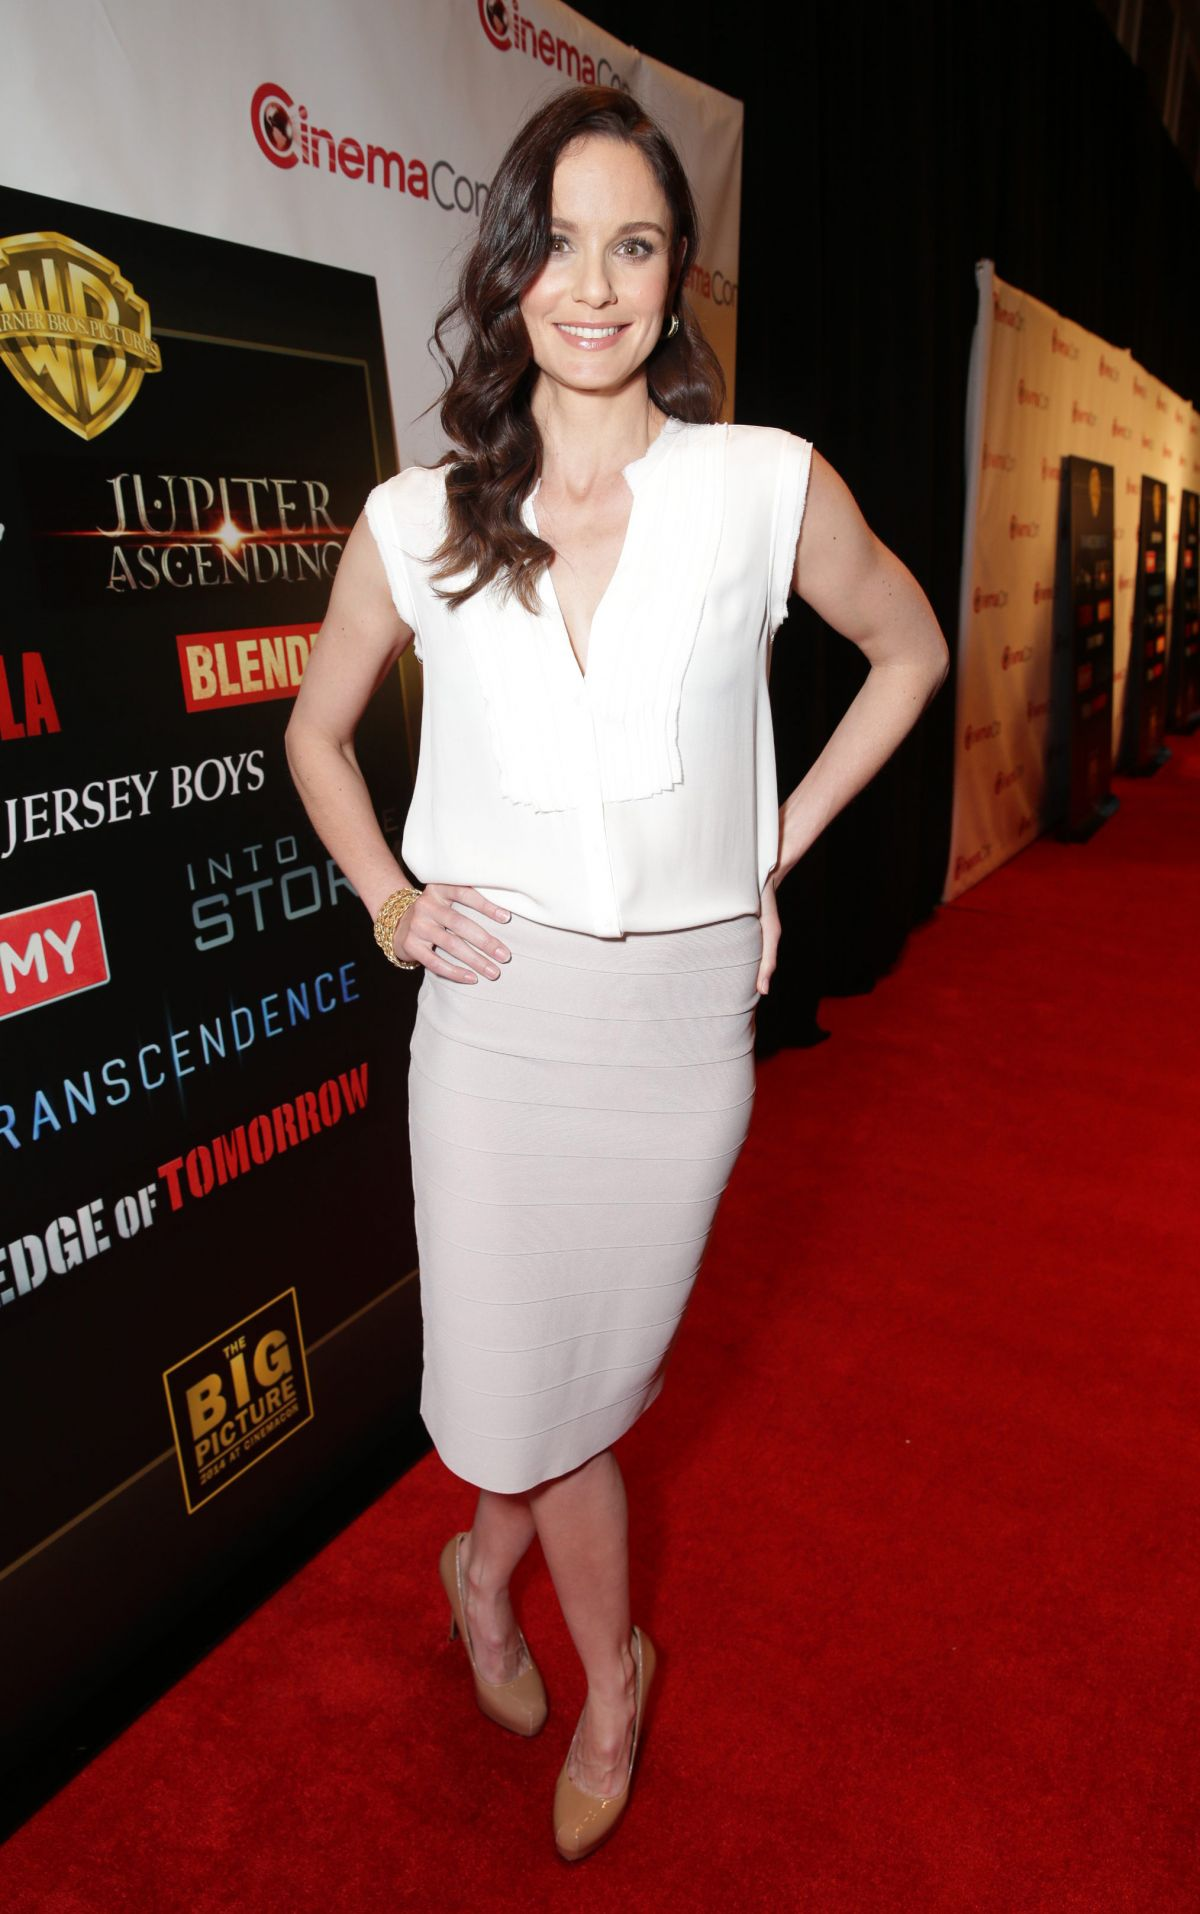 SARAH WAYNE CALLIES at 2014 Cinemacon - 196.1KB